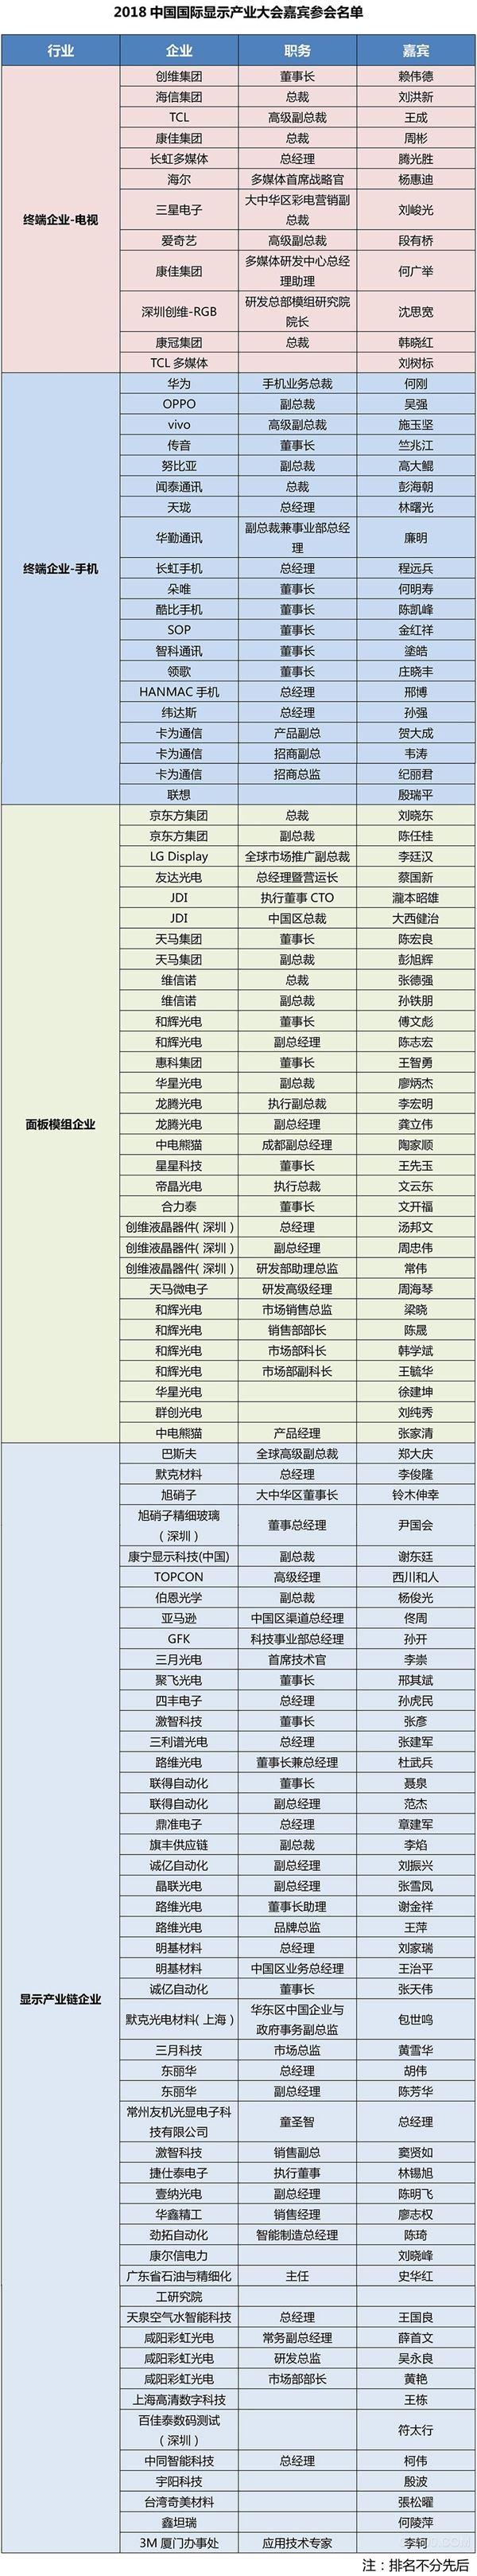 华为,手机,第六届中国电子信息博览会